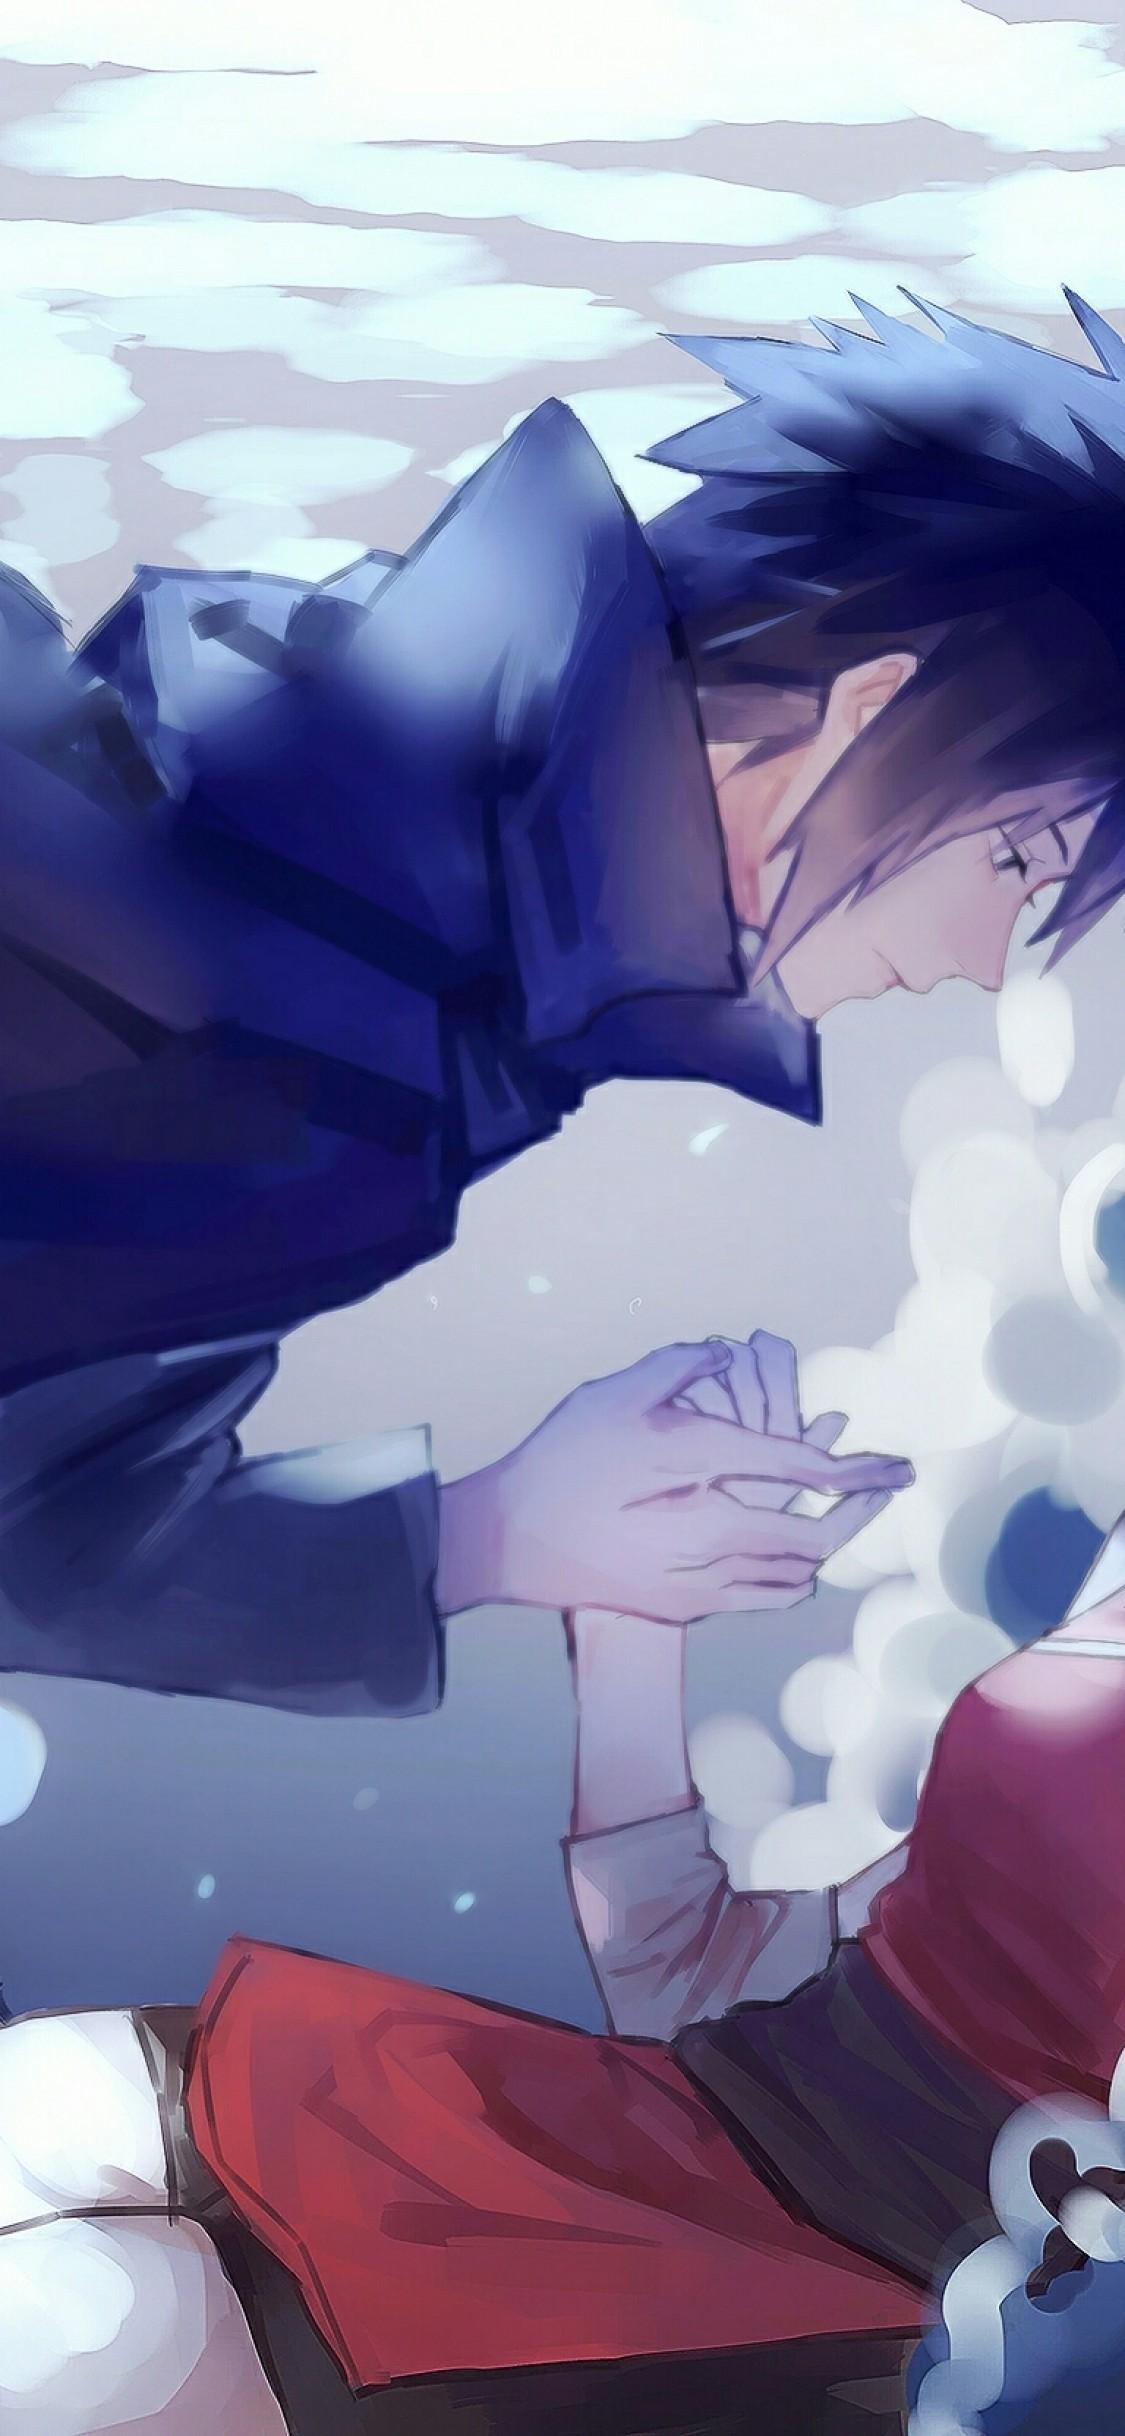 228 2284171 uchiha sasuke haruno sakura naruto sasuke and sakura